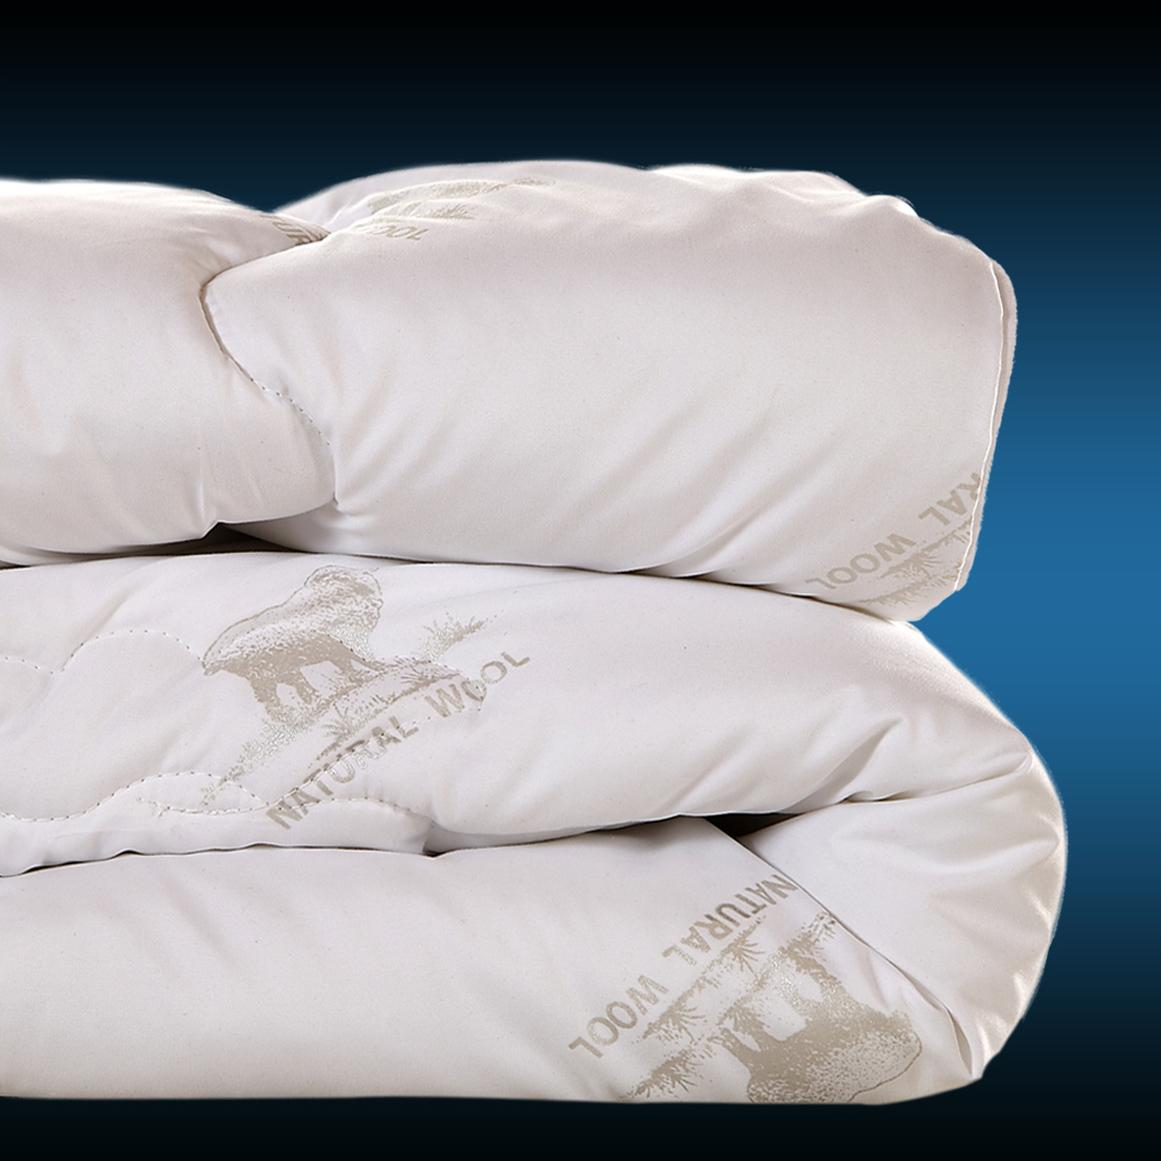 尊贵羊毛冬被冬被芯单人双人加厚被芯专柜正品特价厚羊毛被保暖